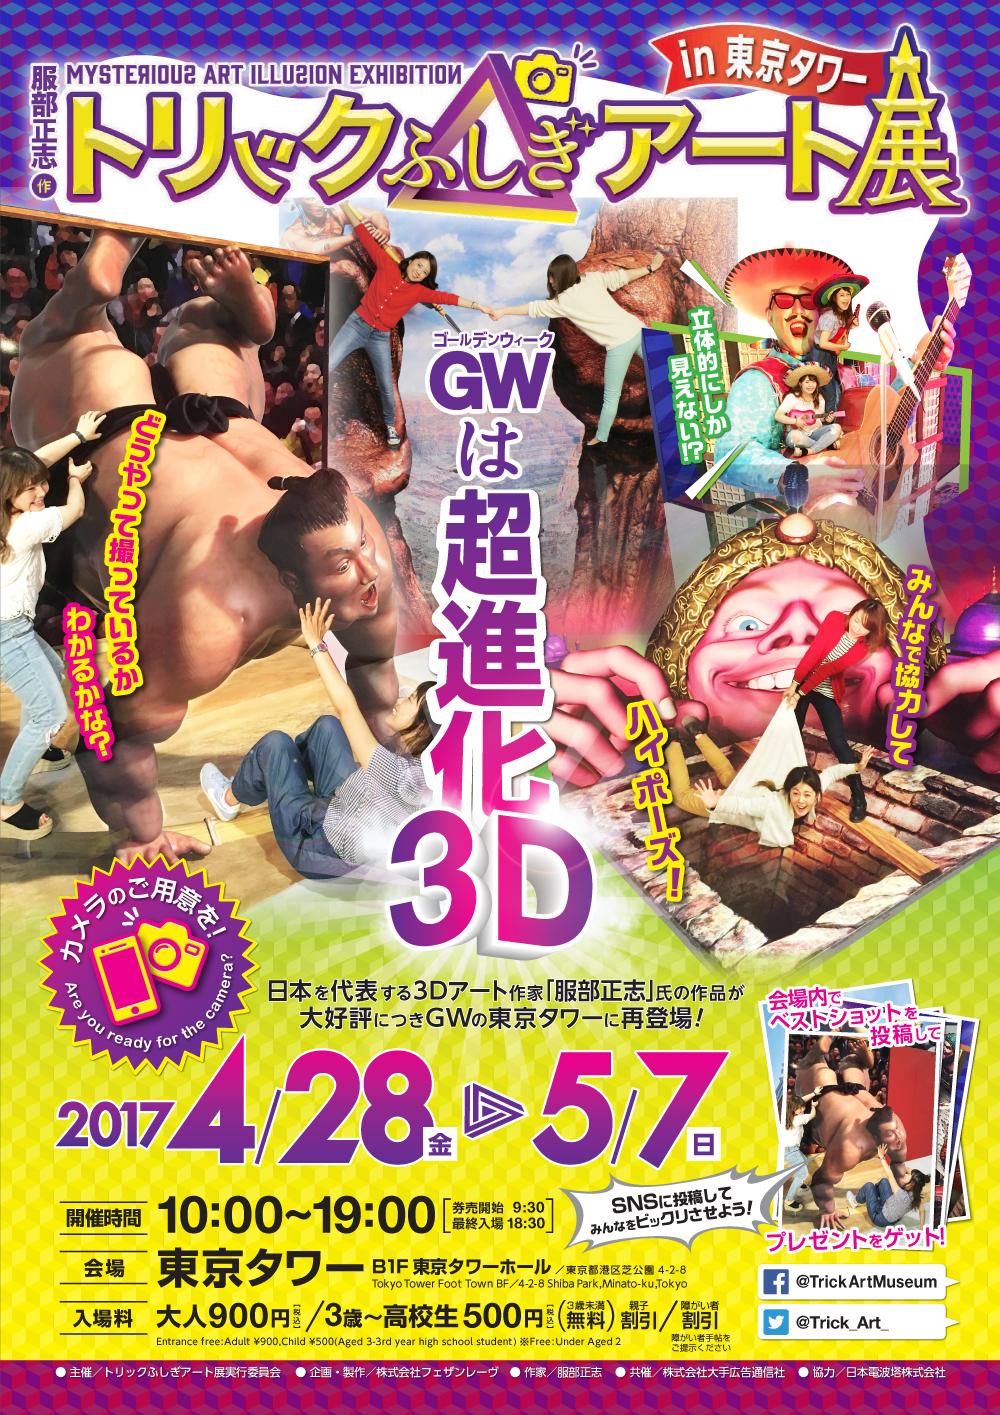 『トリックふしぎアート展in東京タワー』4月28日(金)からスタート! #トリックアート #東京タワー @ 東京タワーB1F 東京タワーホール | 港区 | 東京都 | 日本